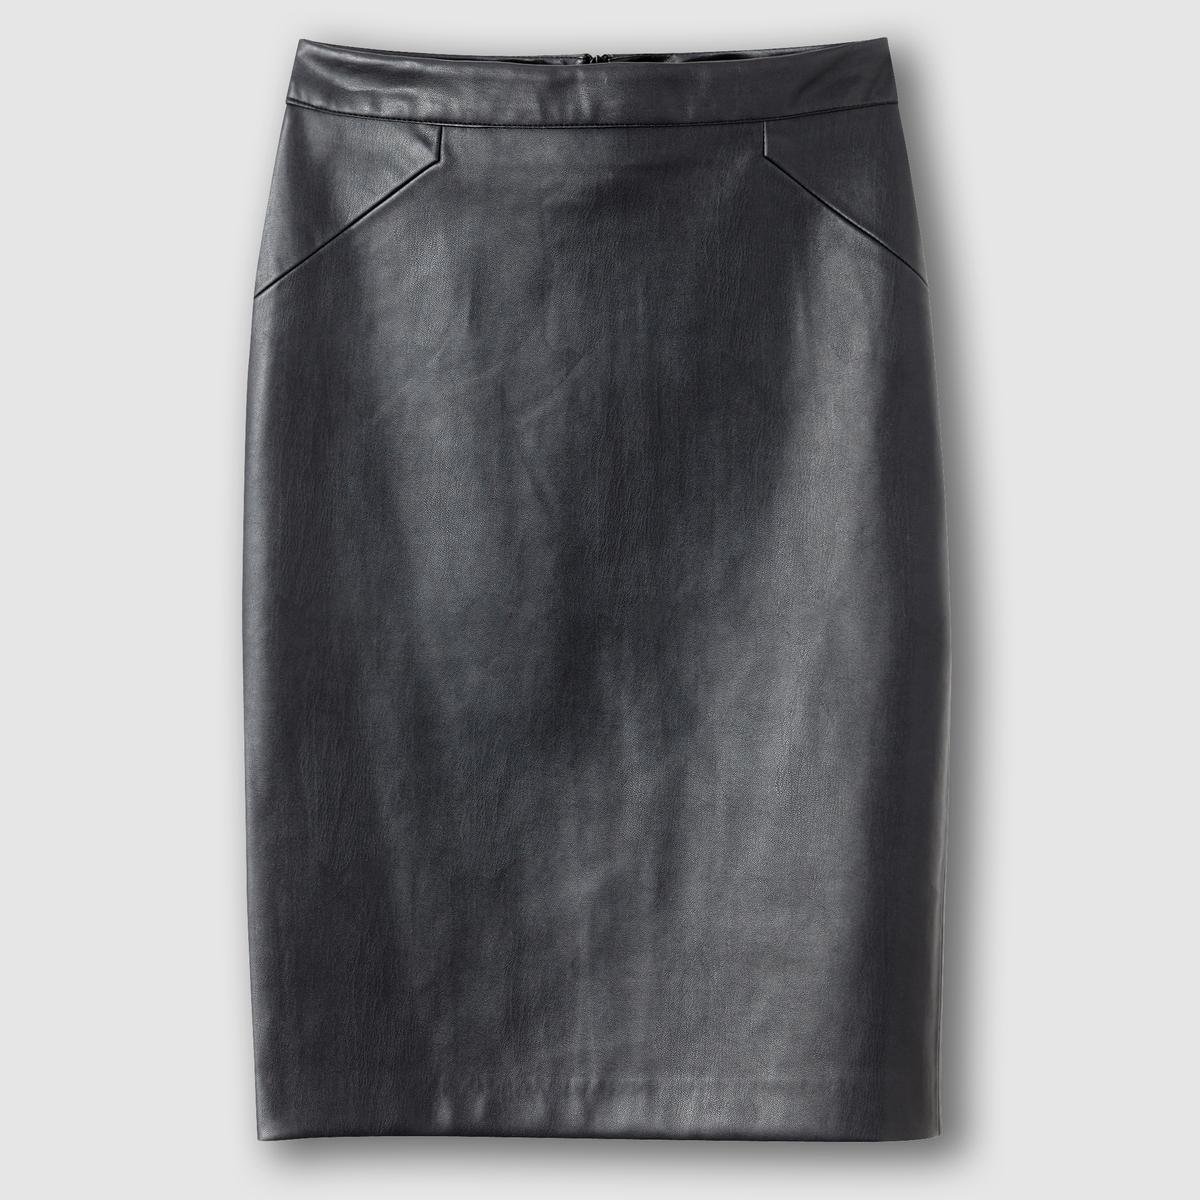 Юбка-карандашЮбка-карандаш со скрытой застёжкой на молнию сзади. Состав и описание Материал: Искусственная кожа,  100% полиэстераДлина      60 см Марка: R ?dition   УходМашинная стирка при 30° с одеждой такого же цвета.Машинная сушка запрещенаСтирать с изнаночной стороныНе гладить<br><br>Цвет: черный<br>Размер: 36 (FR) - 42 (RUS)